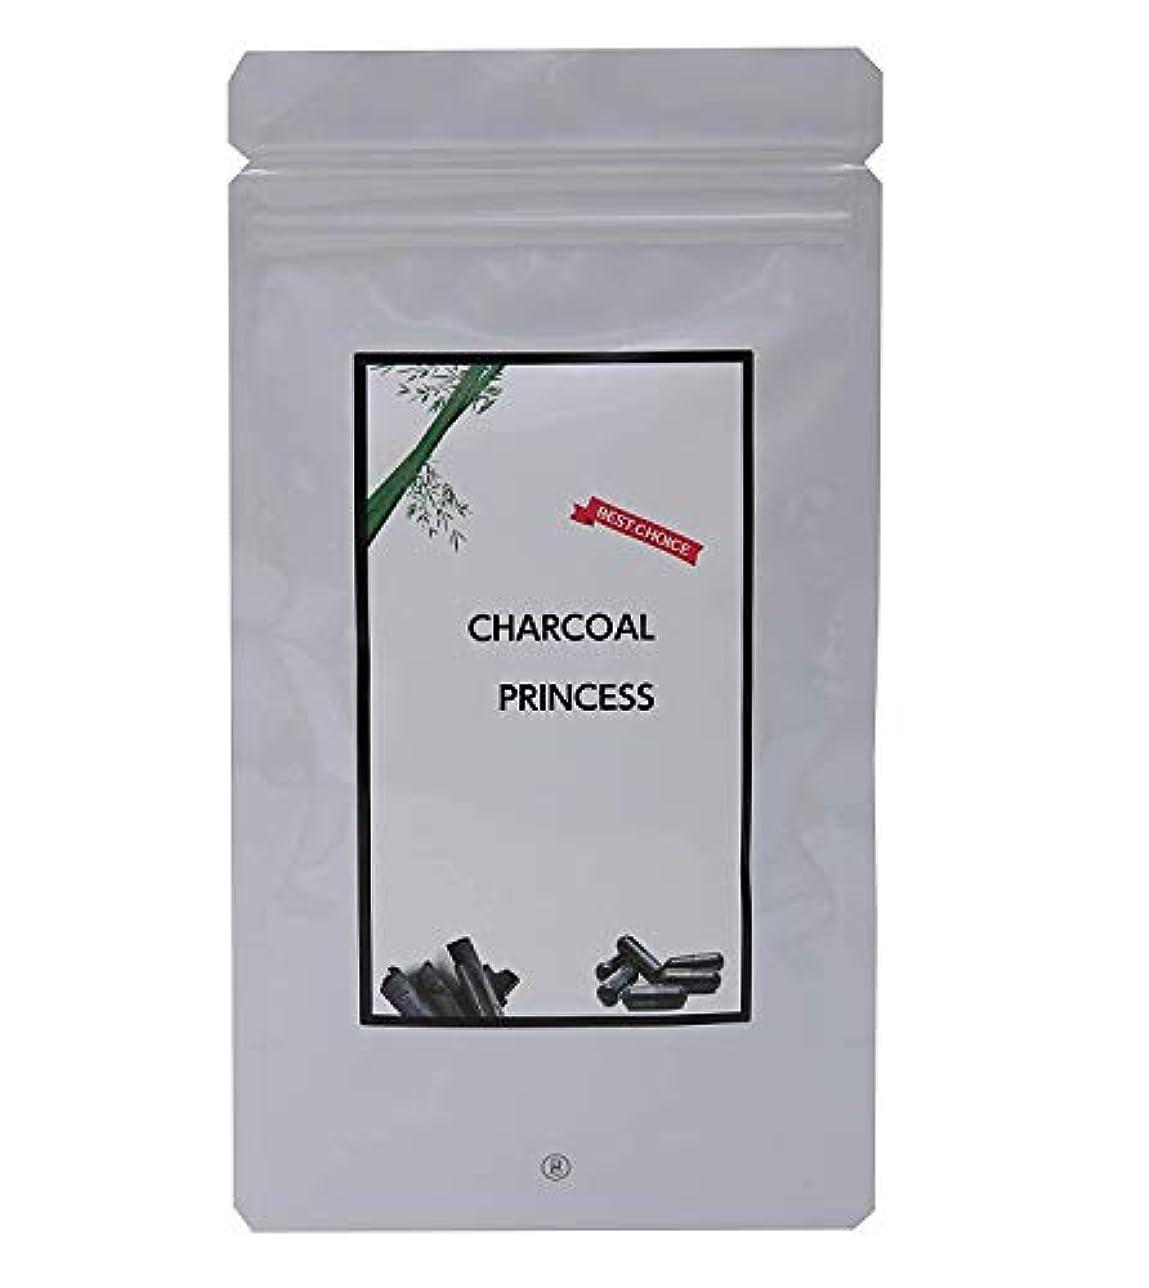 電圧左鉱夫チャコールクレンズ CHARCOAL PRINCESS【150粒入】50日分 竹炭粉カプセル